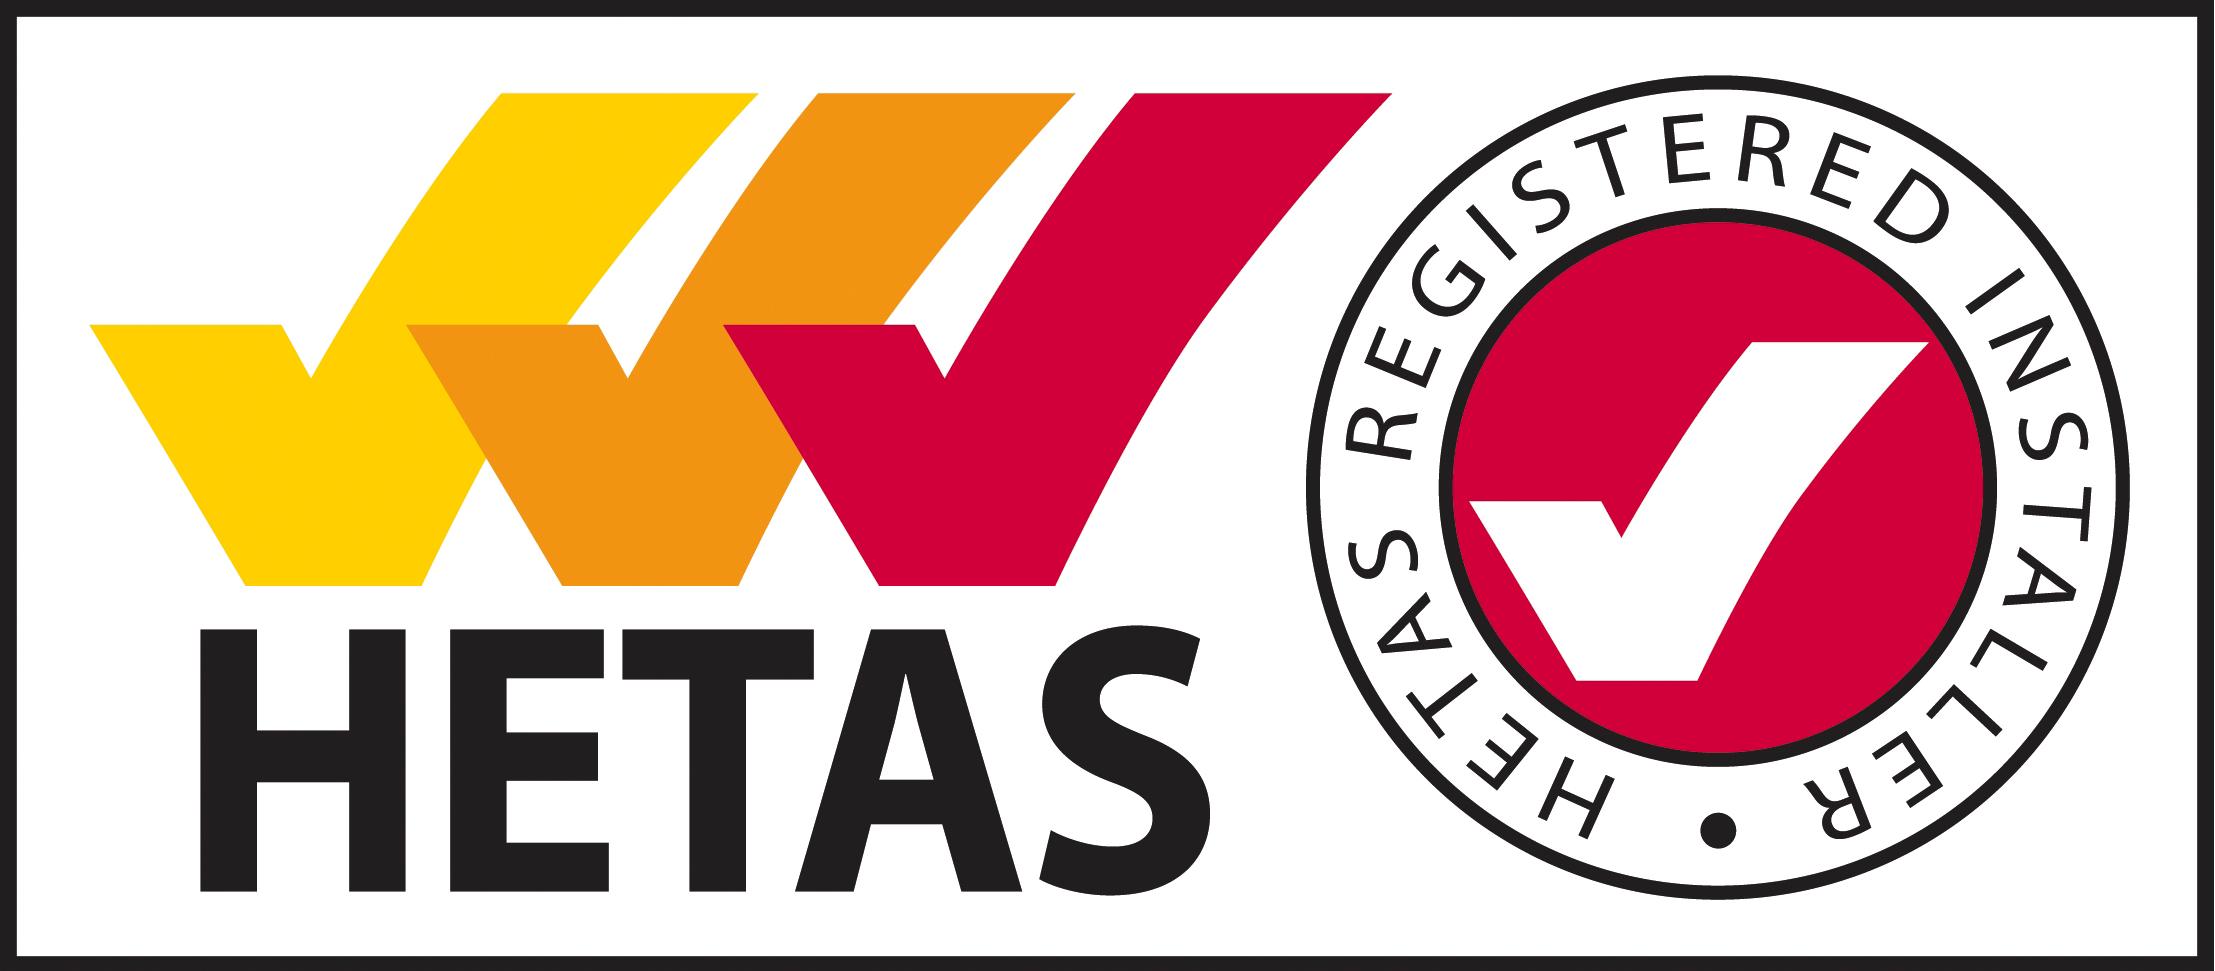 hetas-logo_no-border